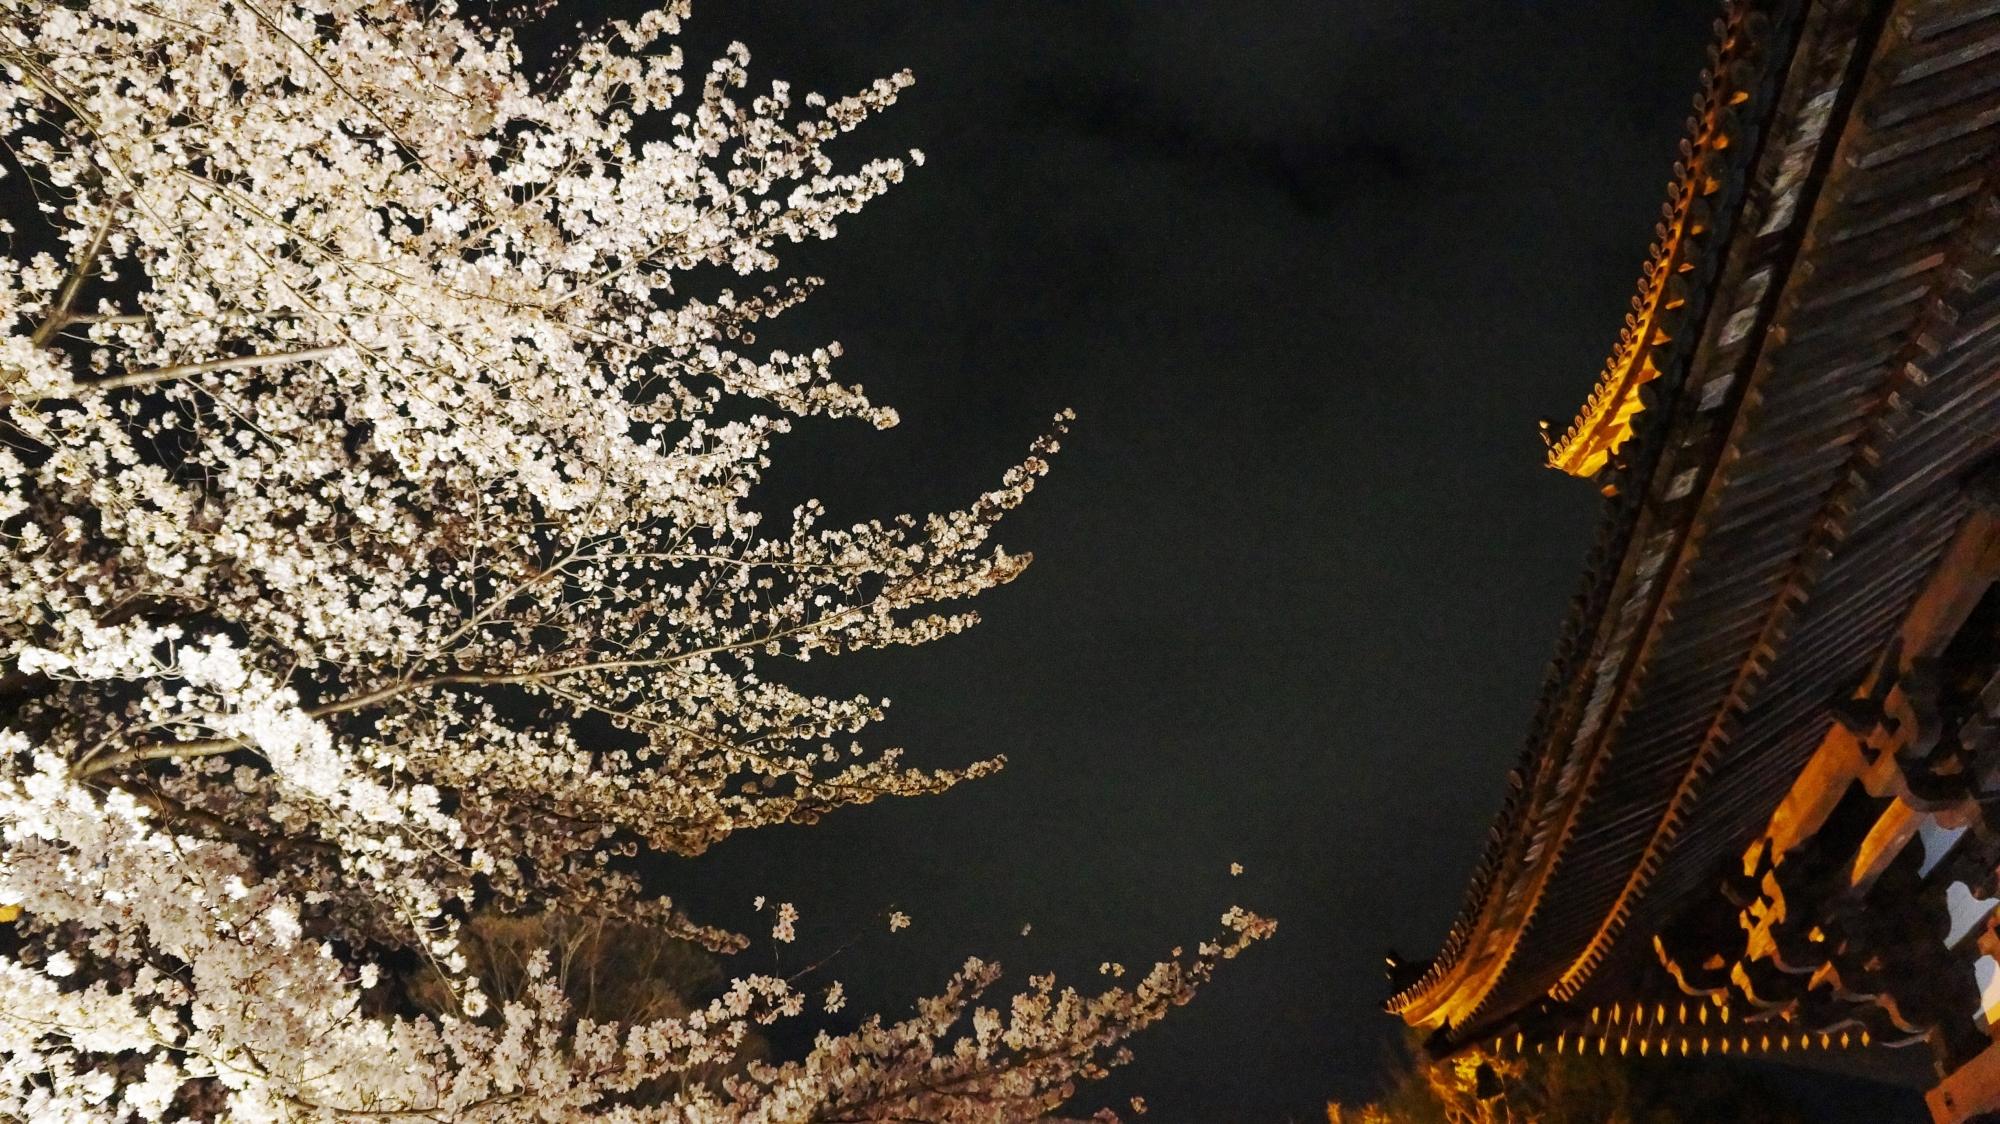 金堂と華やかな桜